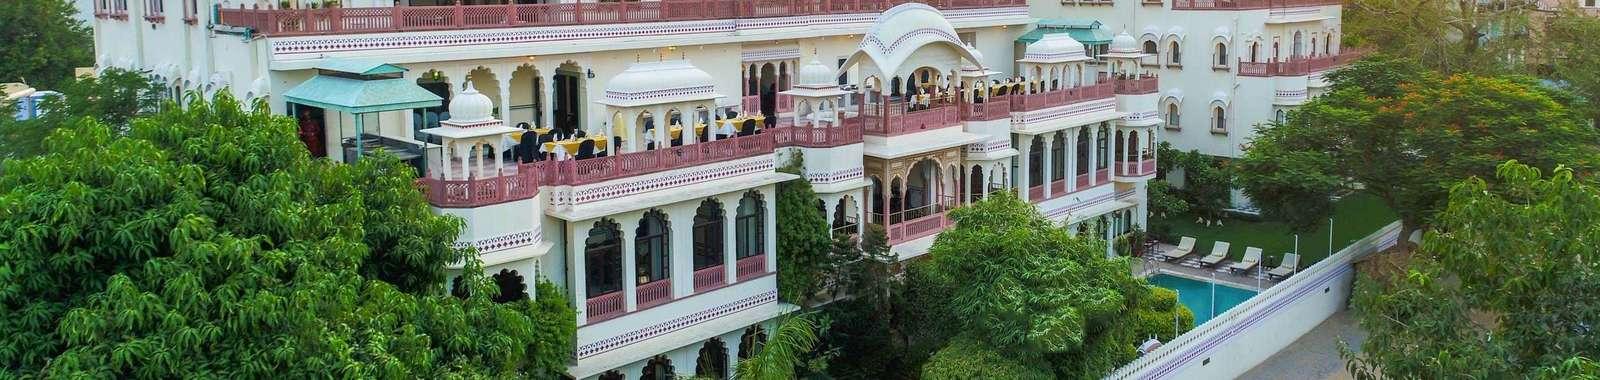 shapura-house-bannerhead